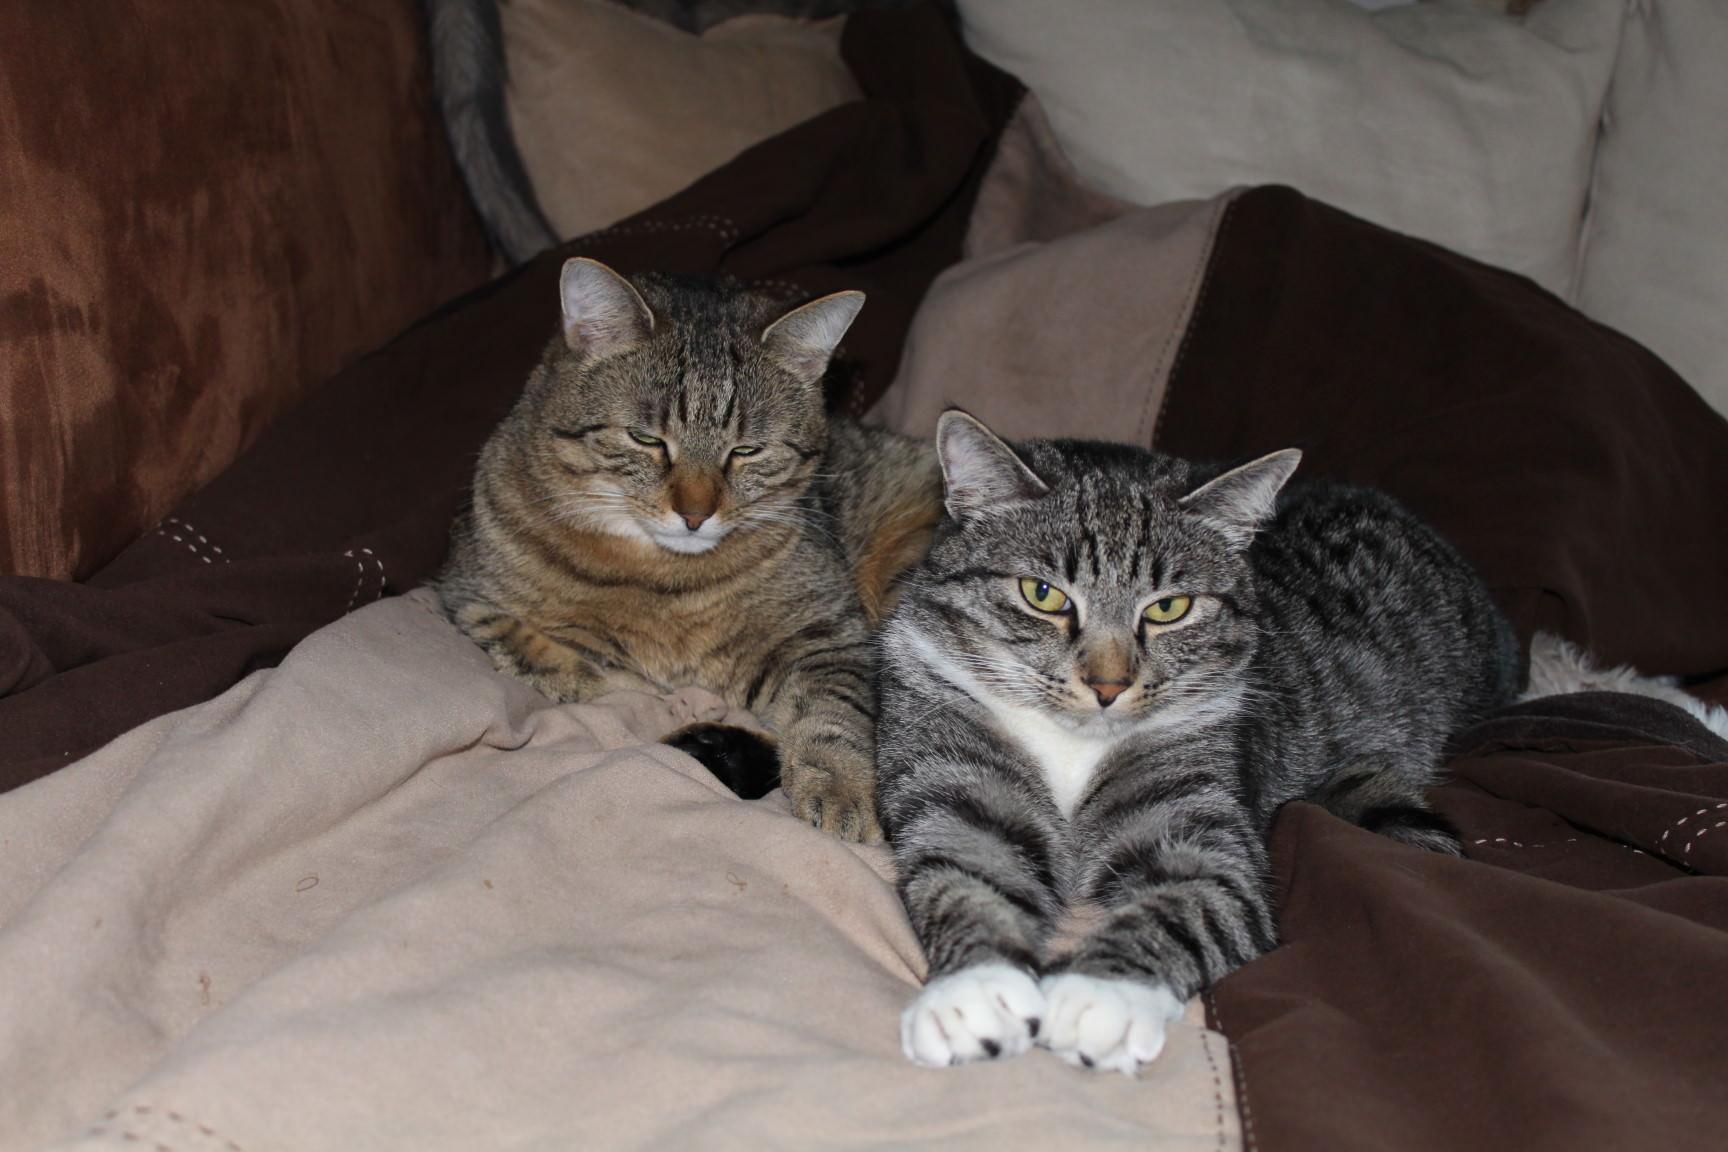 bthe3cats_2013_04_22_3209